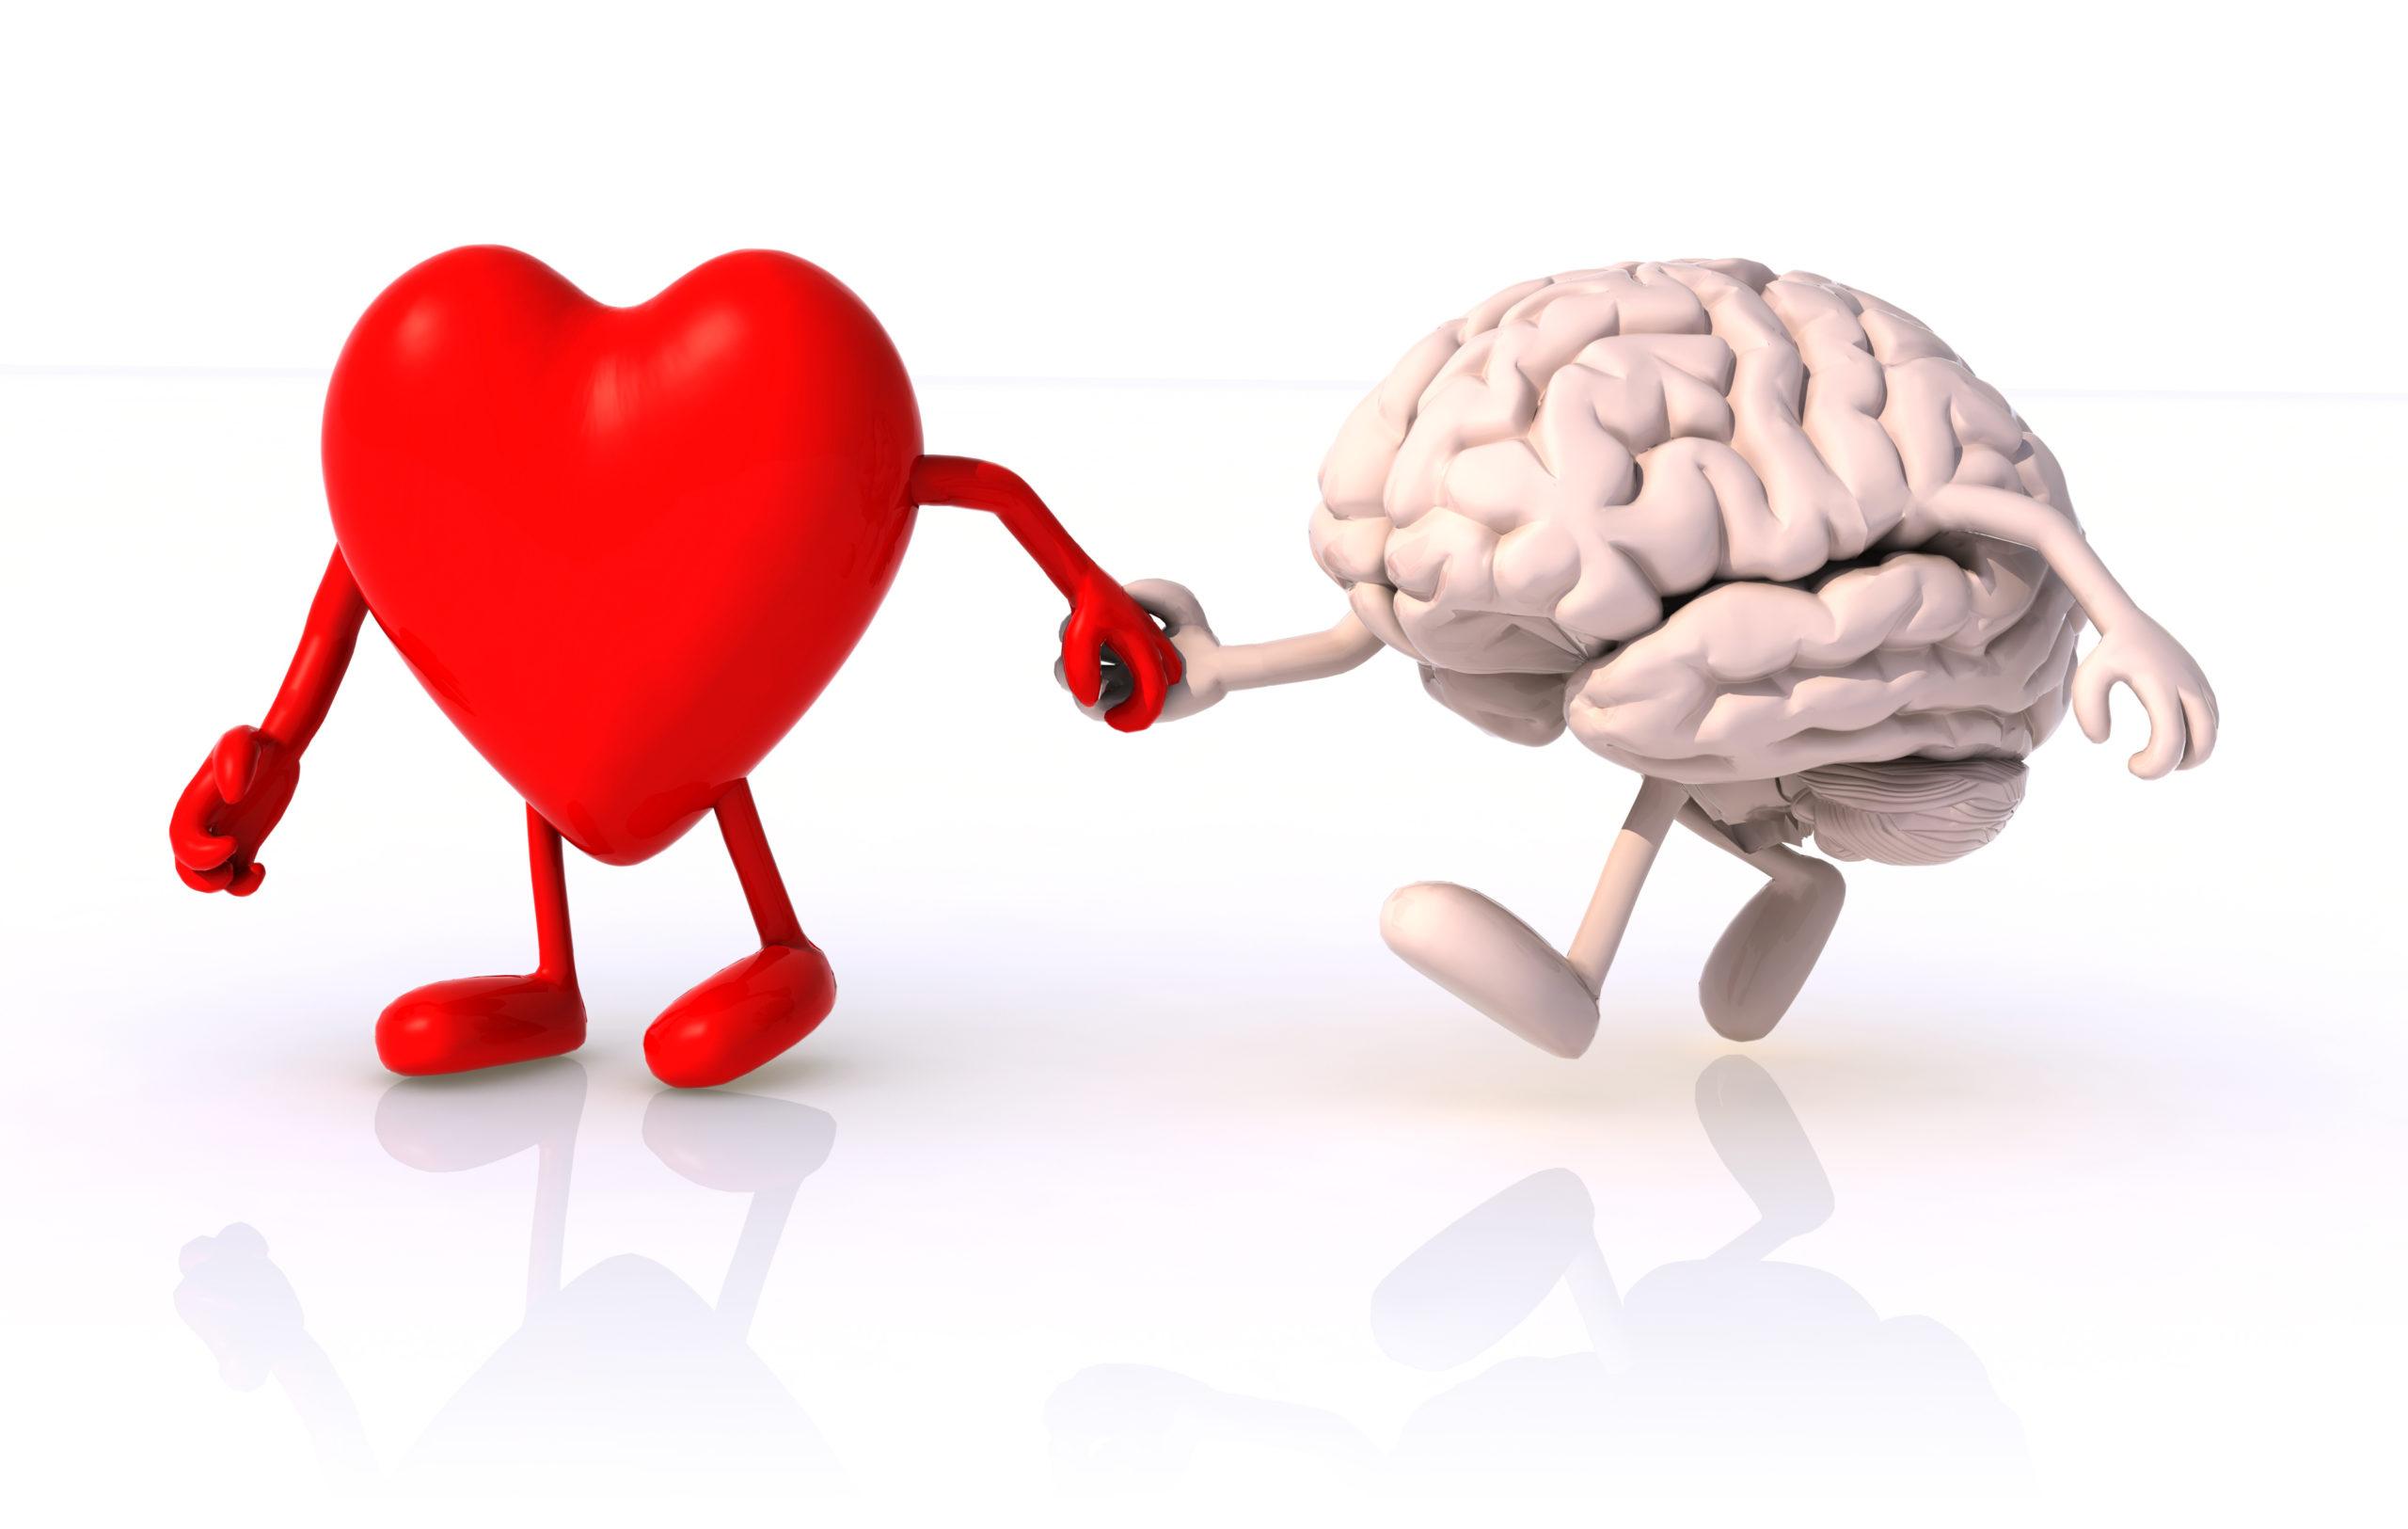 Le stéthoscope permet de connecter votre cœur et votre cerveau